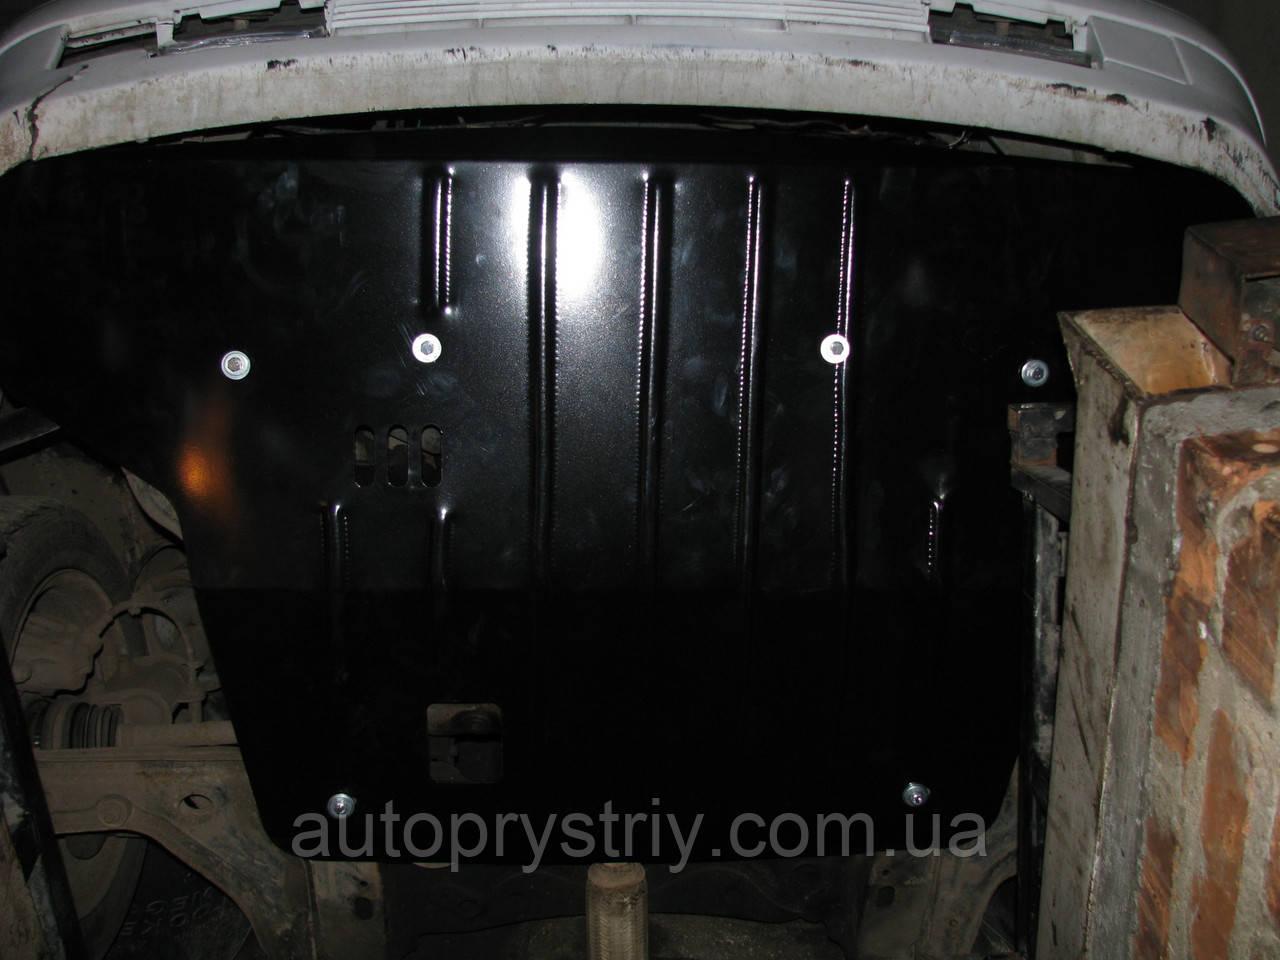 Захист двигуна і КПП Fiat Croma (1986-1996) механіка 2.0